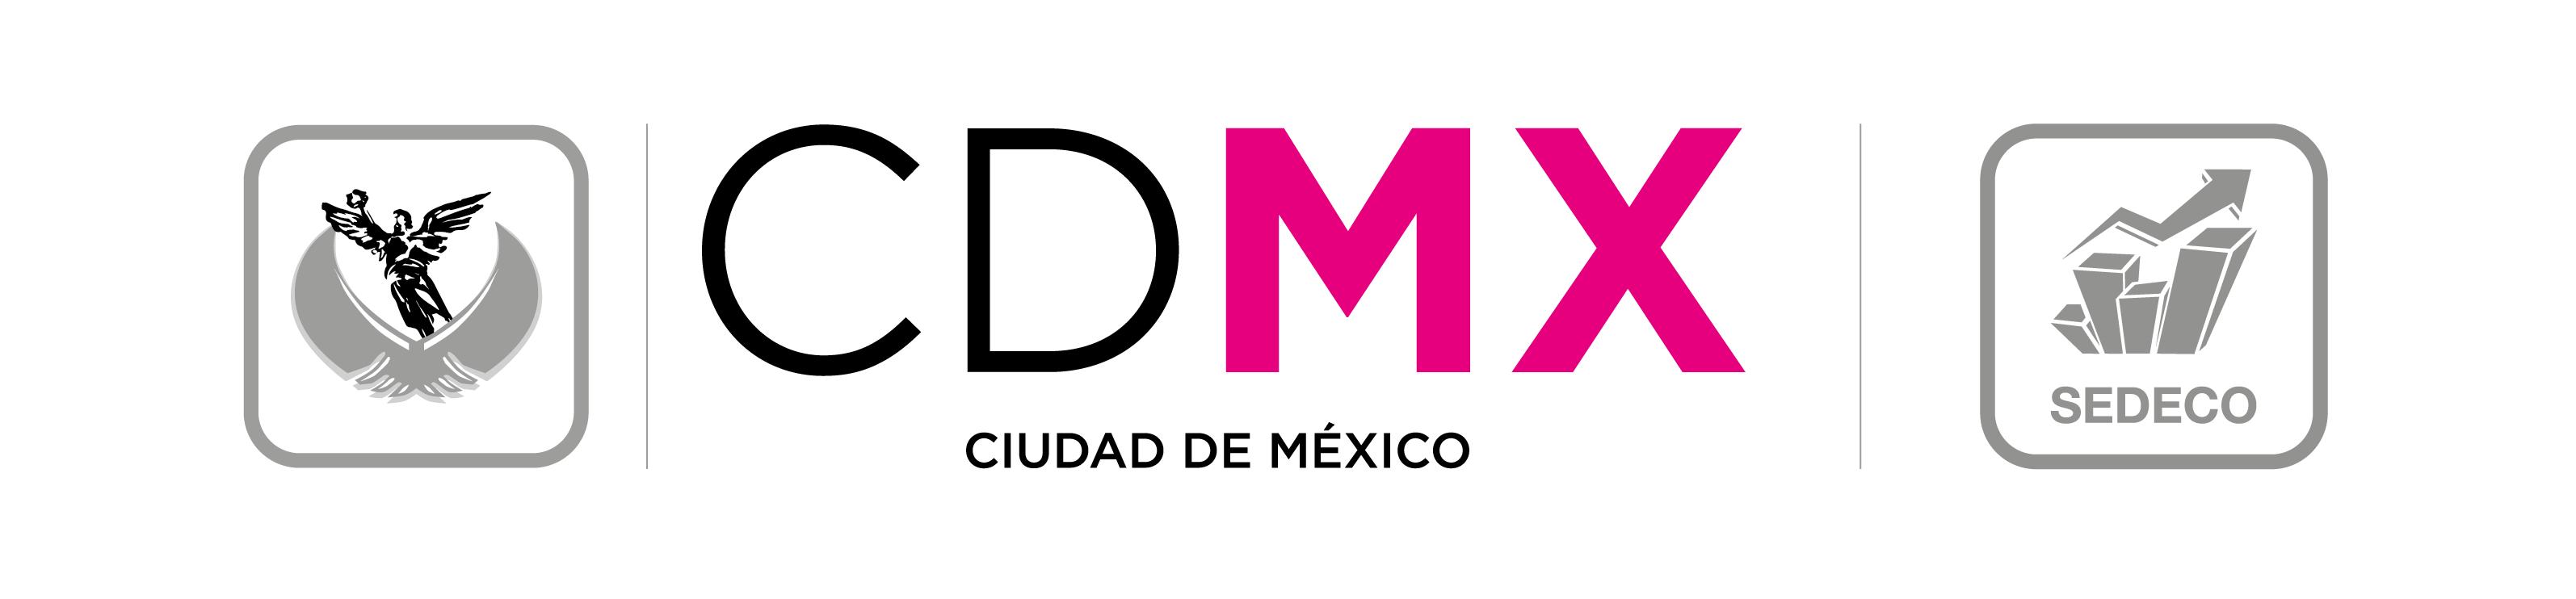 www.cdmx.gob.mx